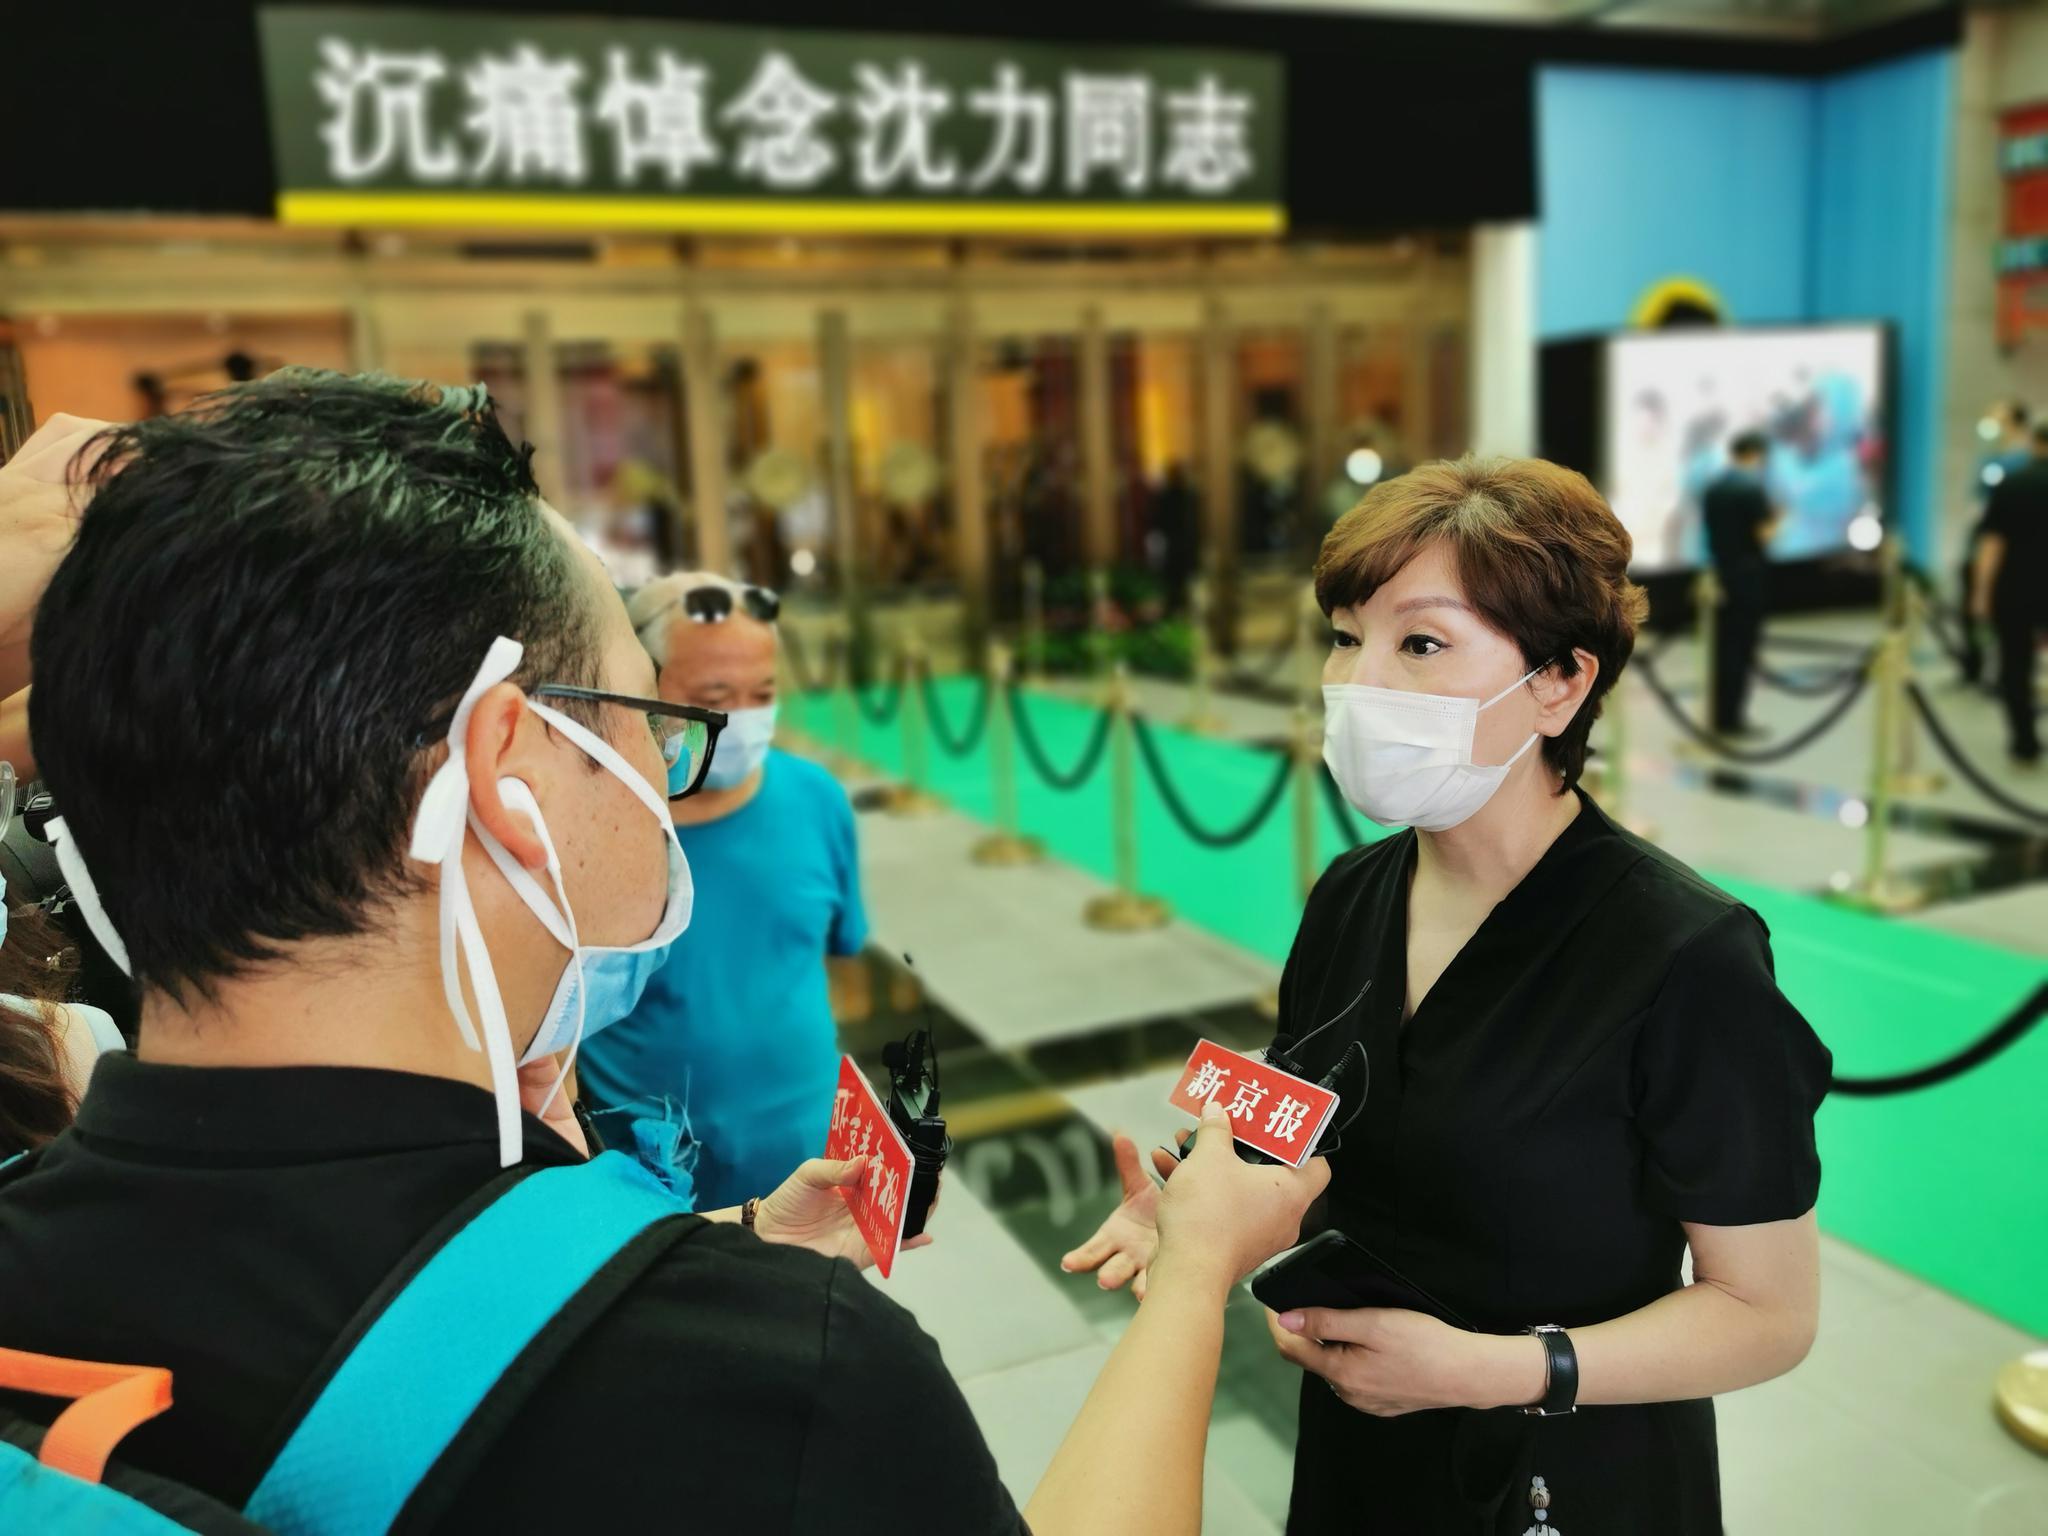 李瑞英担当采访。图/视觉中国